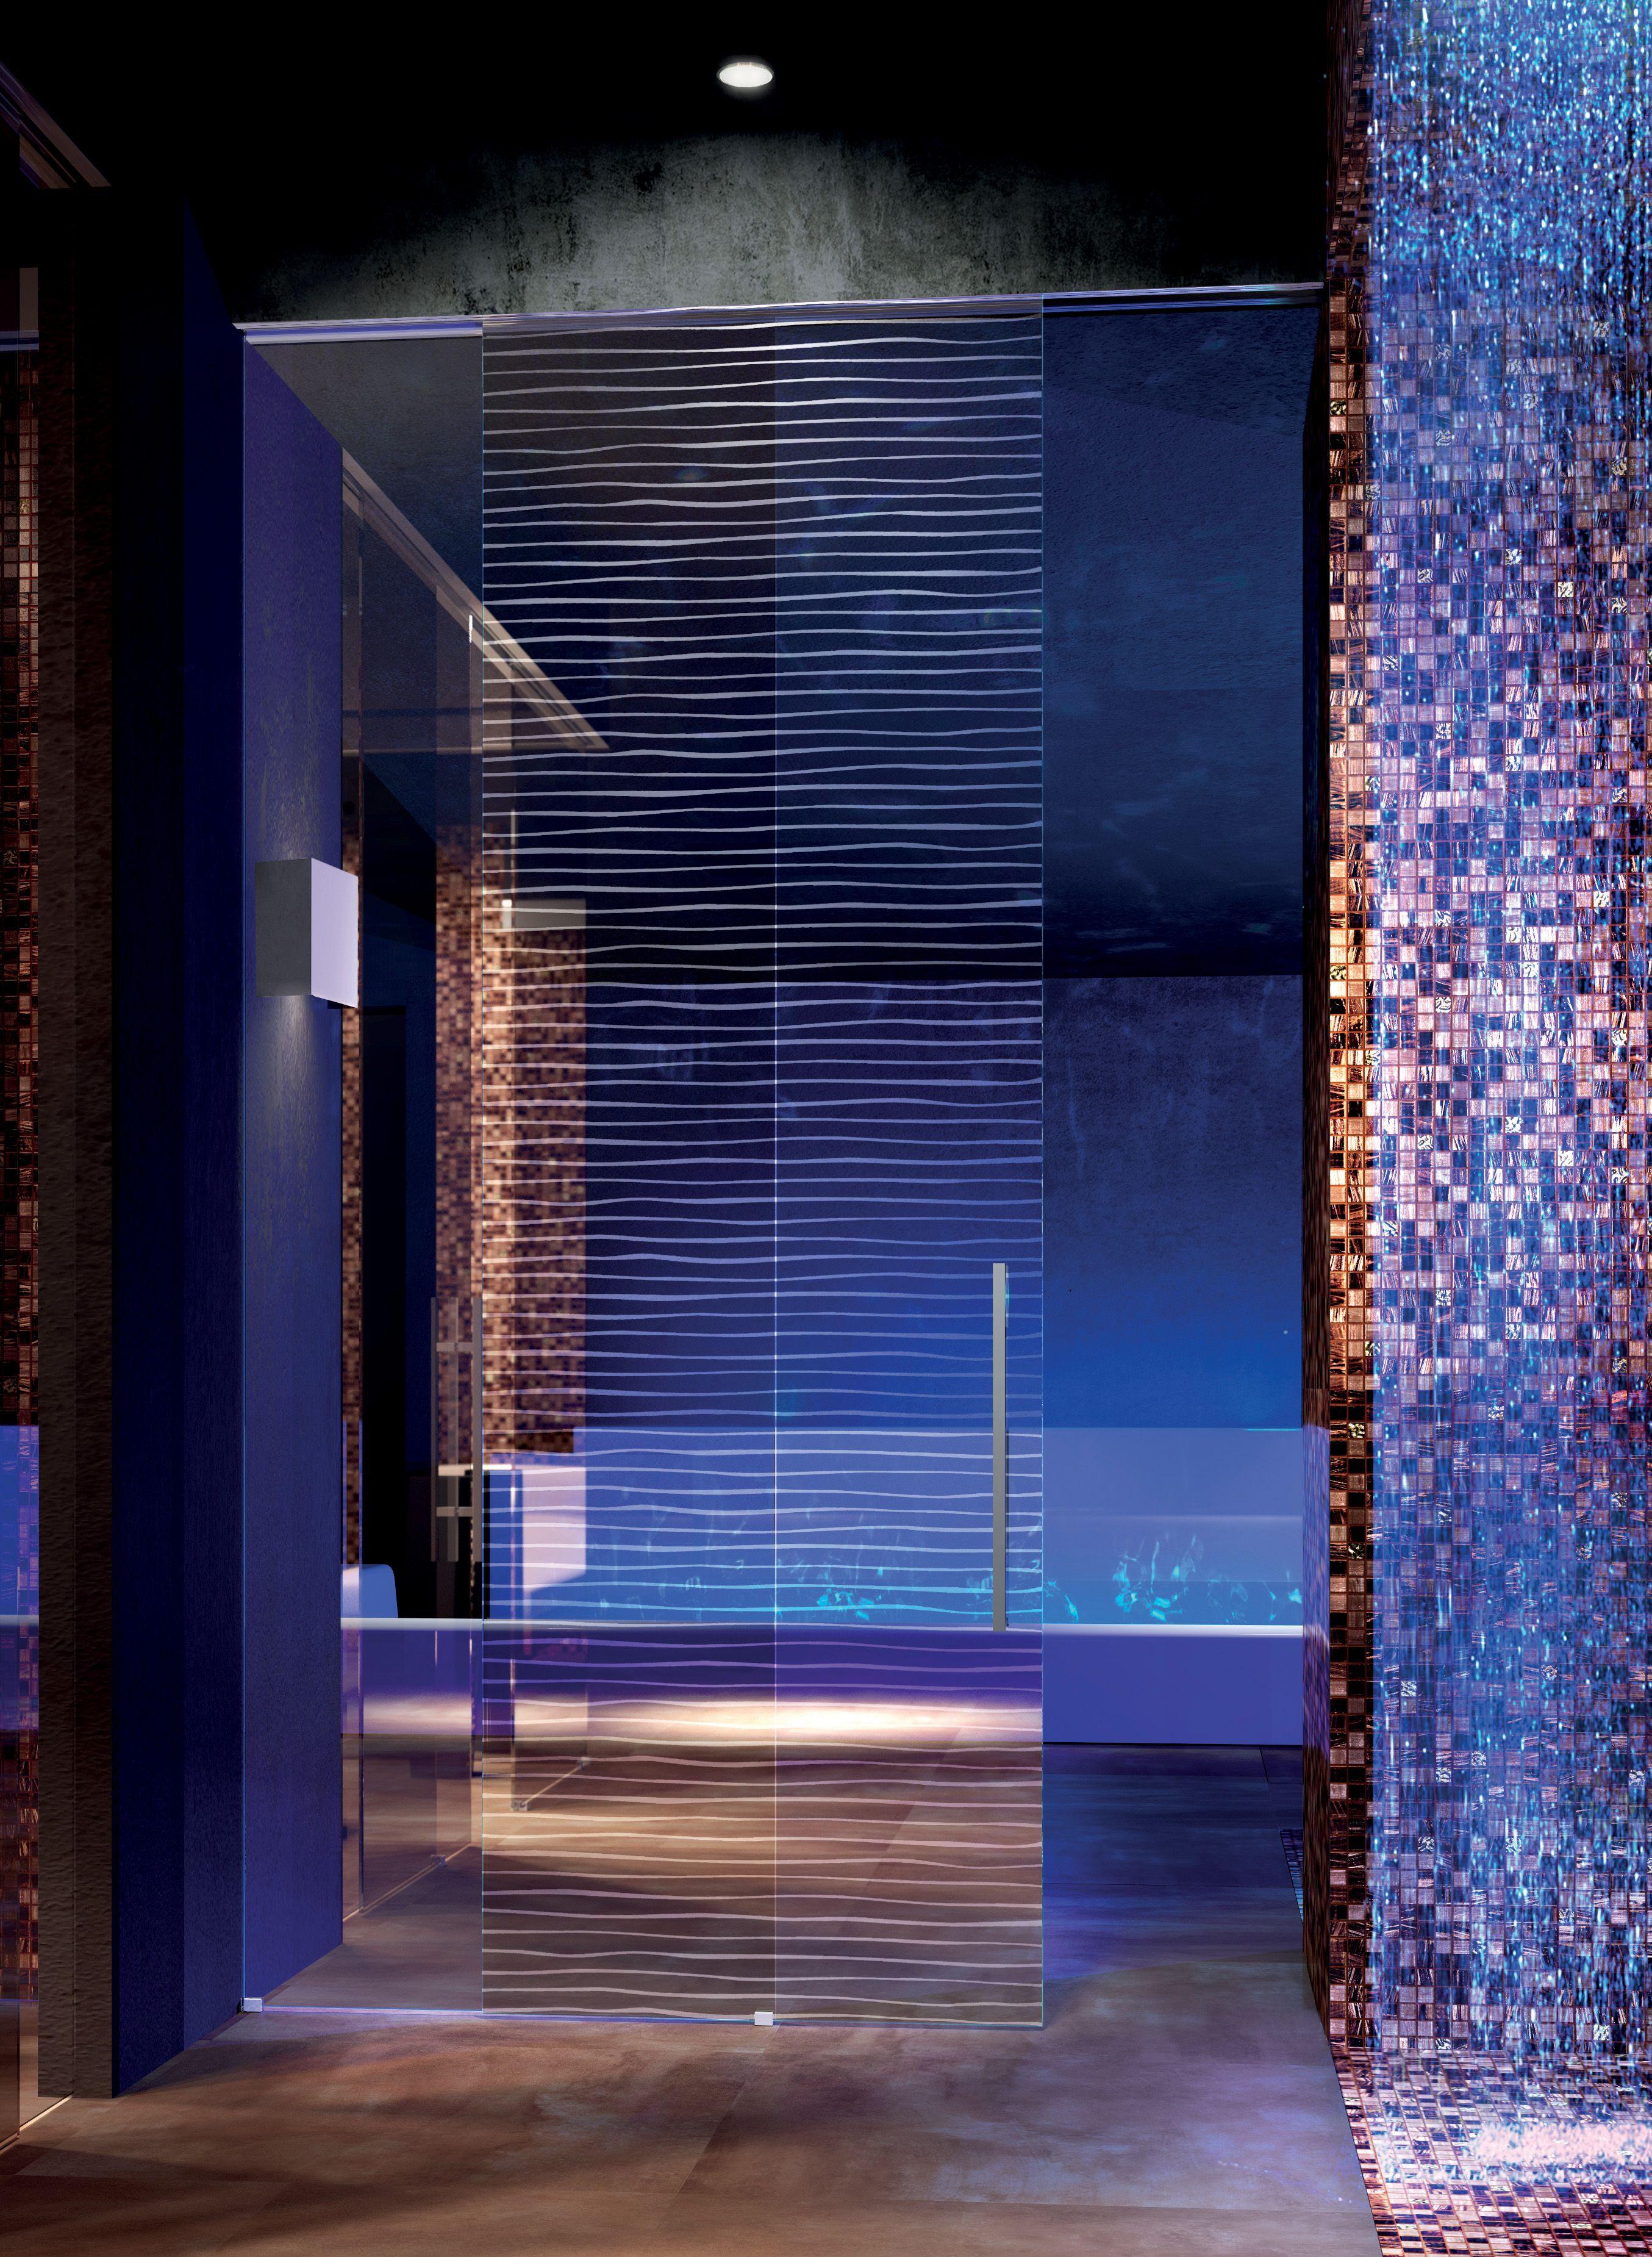 Porte scorrevoli esterno muro inside vetro stratificato trasparente extralight decoro sabbiato - Porte a scorrimento esterno ...